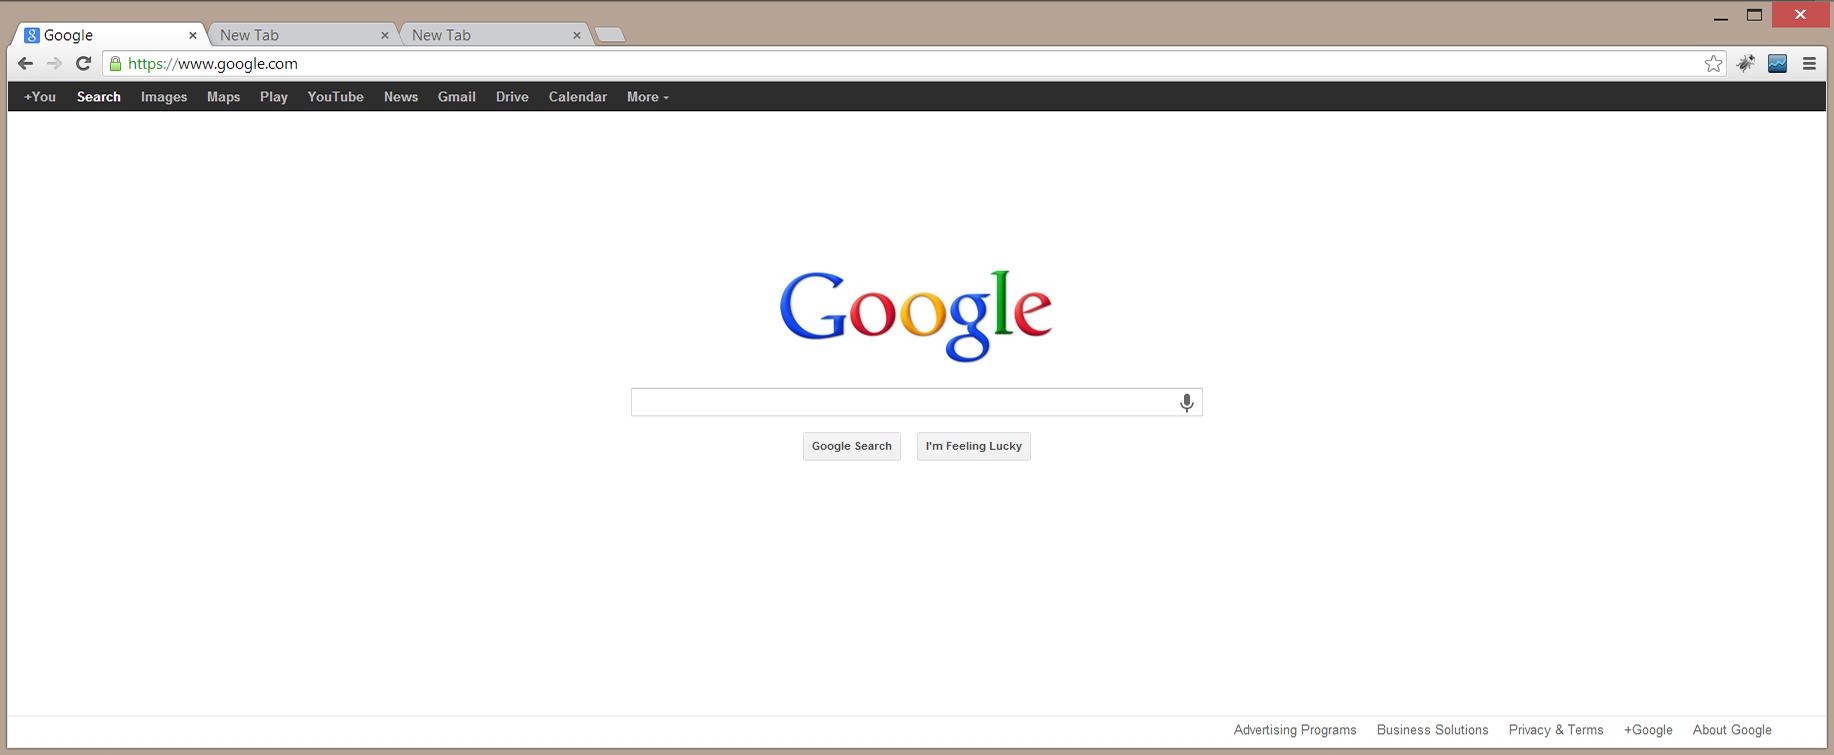 واجهة جوجل كروم باللغة الانجليزية